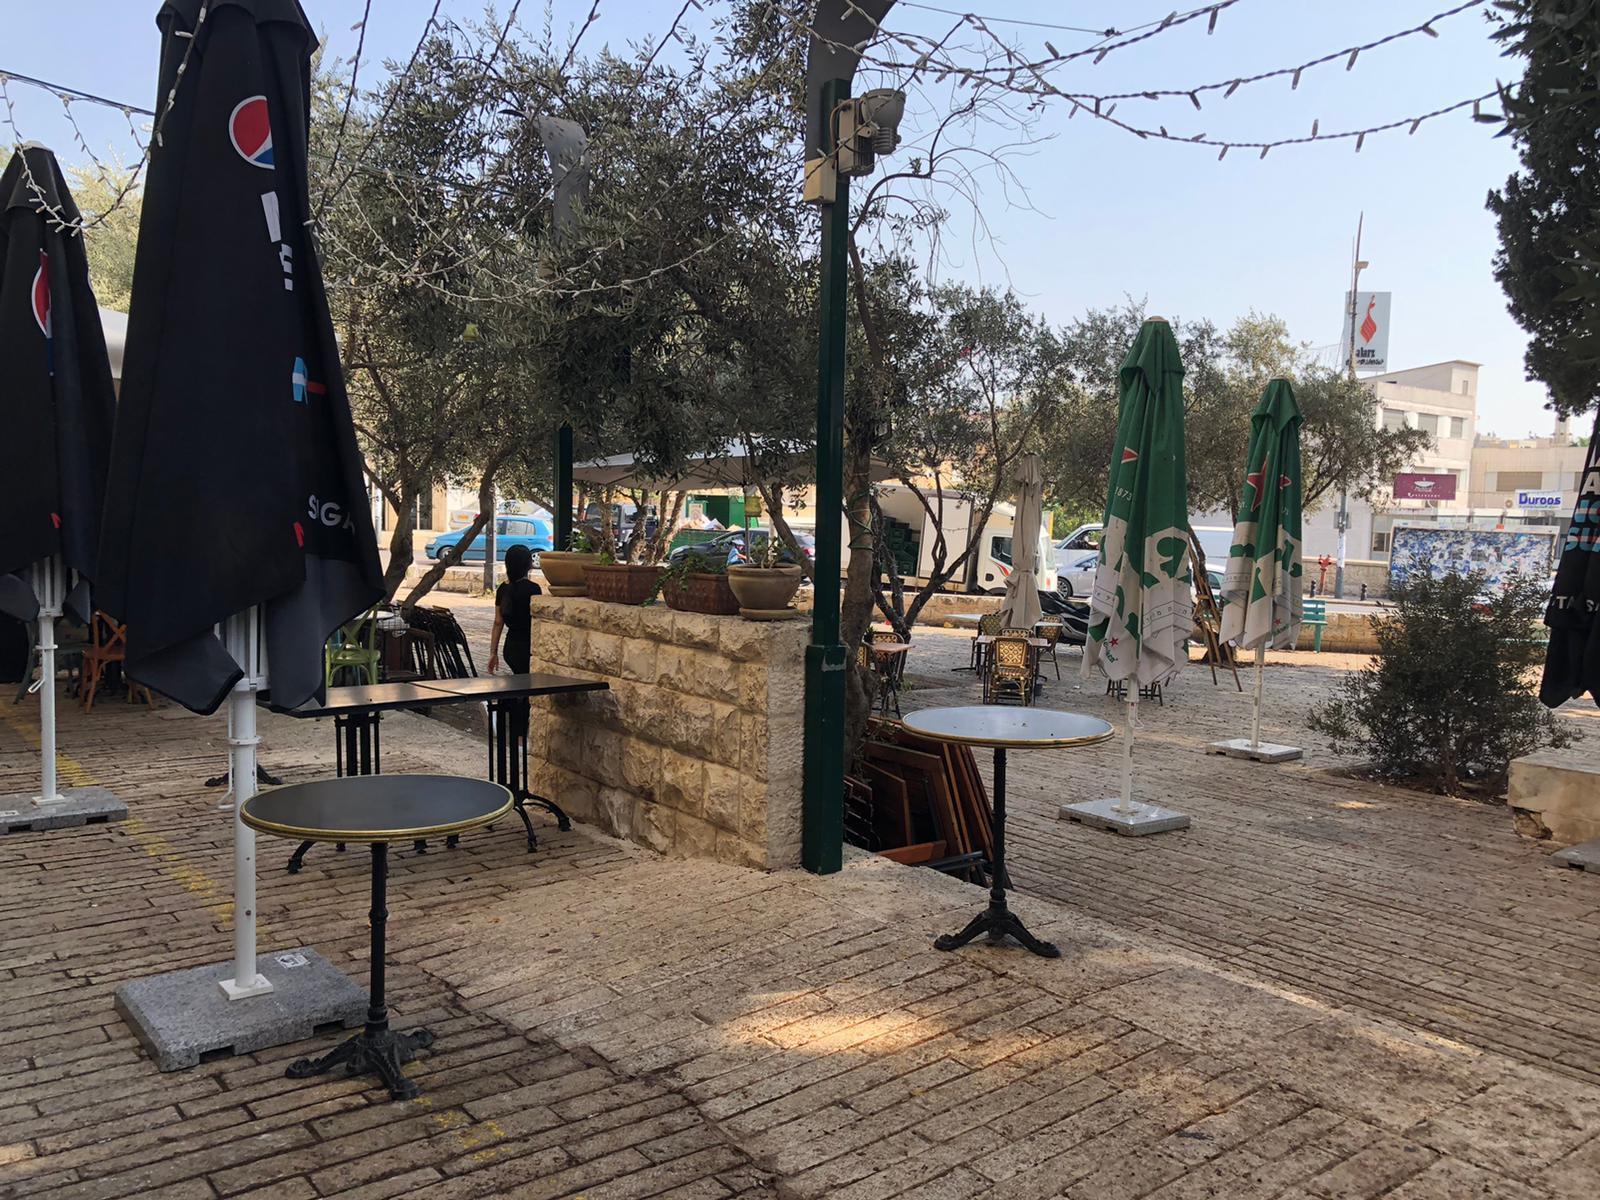 الناصرة في ظل كورونا: أوضاع اقتصاديّة صعبة قد يفاقهما الإغلاق الشامل